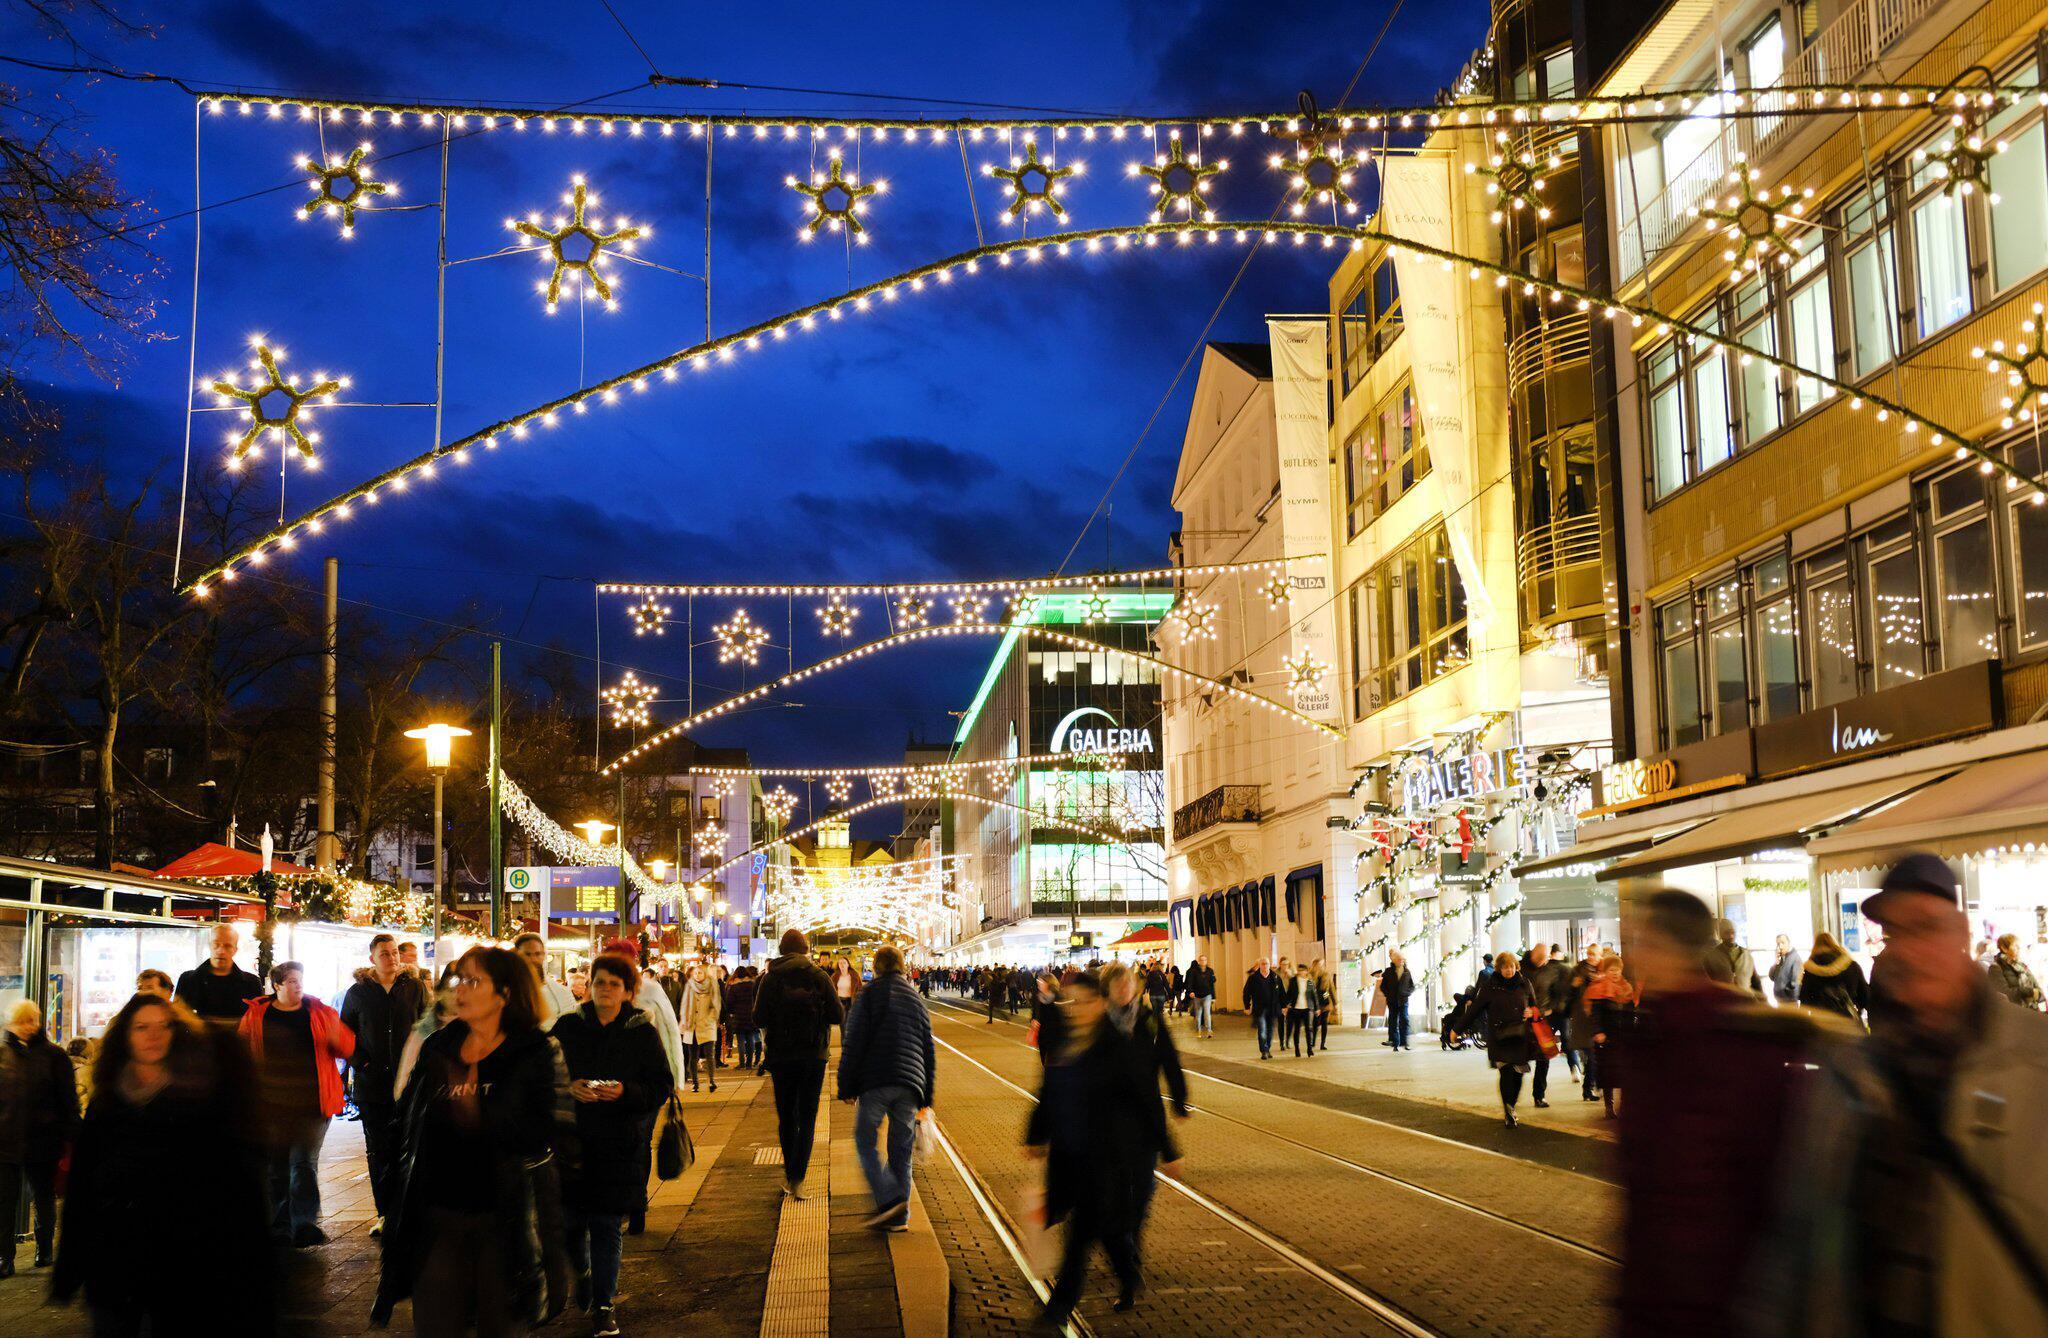 Weihnachten 2018 - Rezepte, Geschenke, Dekoration | WEB.DE